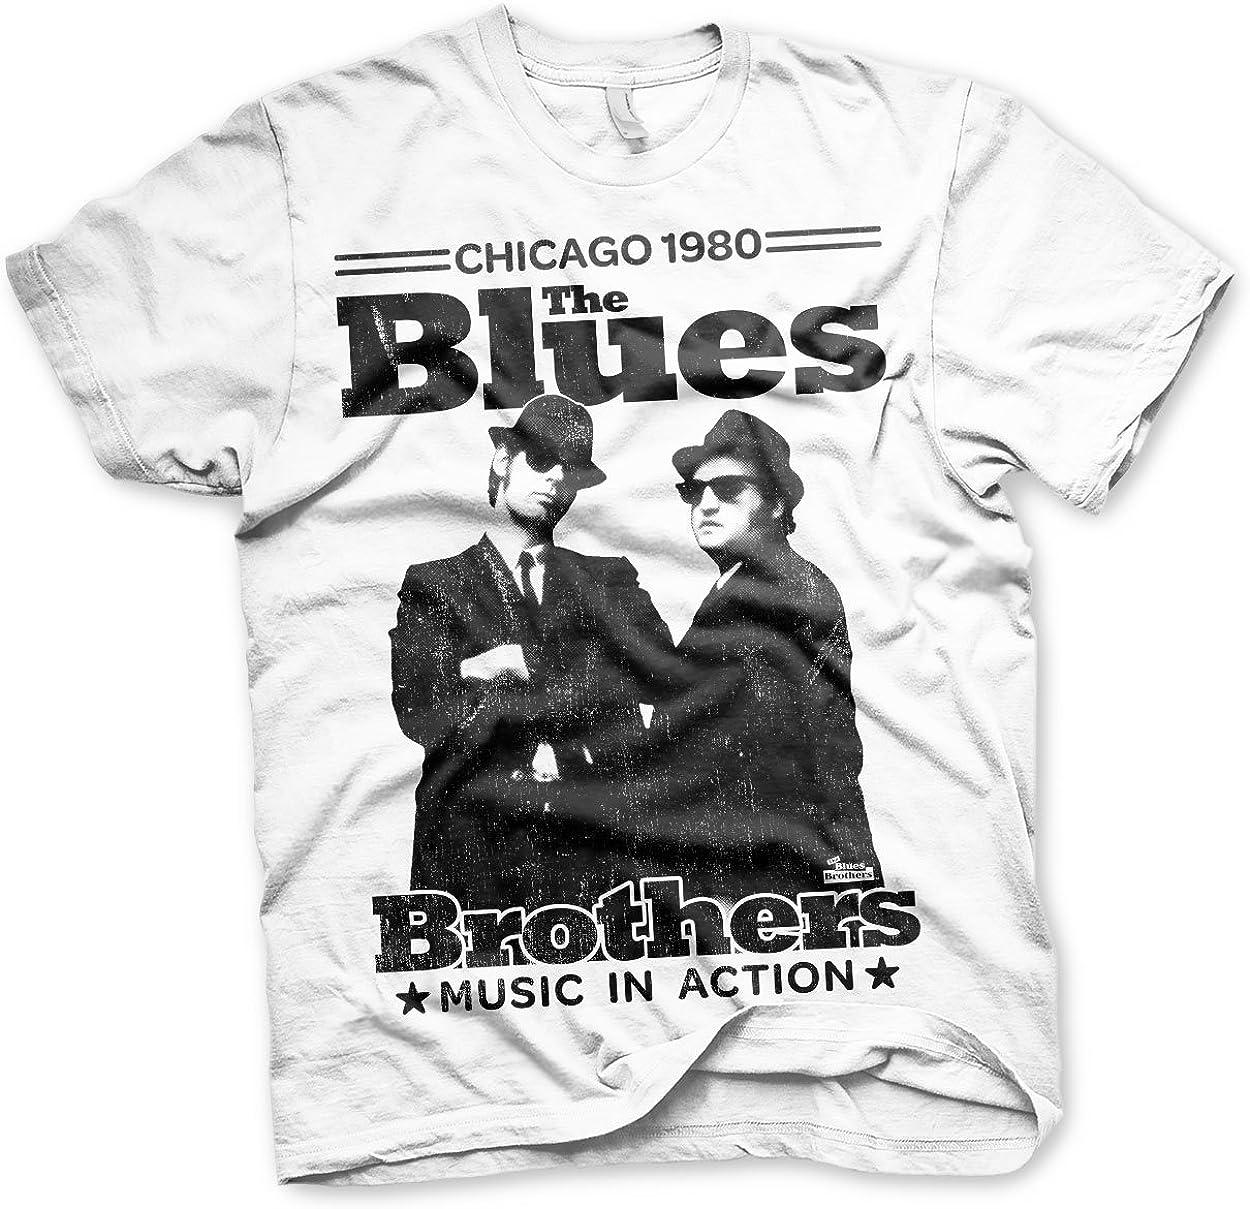 Oficialmente Licenciado Azuls Brothers - Chicago 1980 Camiseta para Hombre (Blanco): Amazon.es: Ropa y accesorios